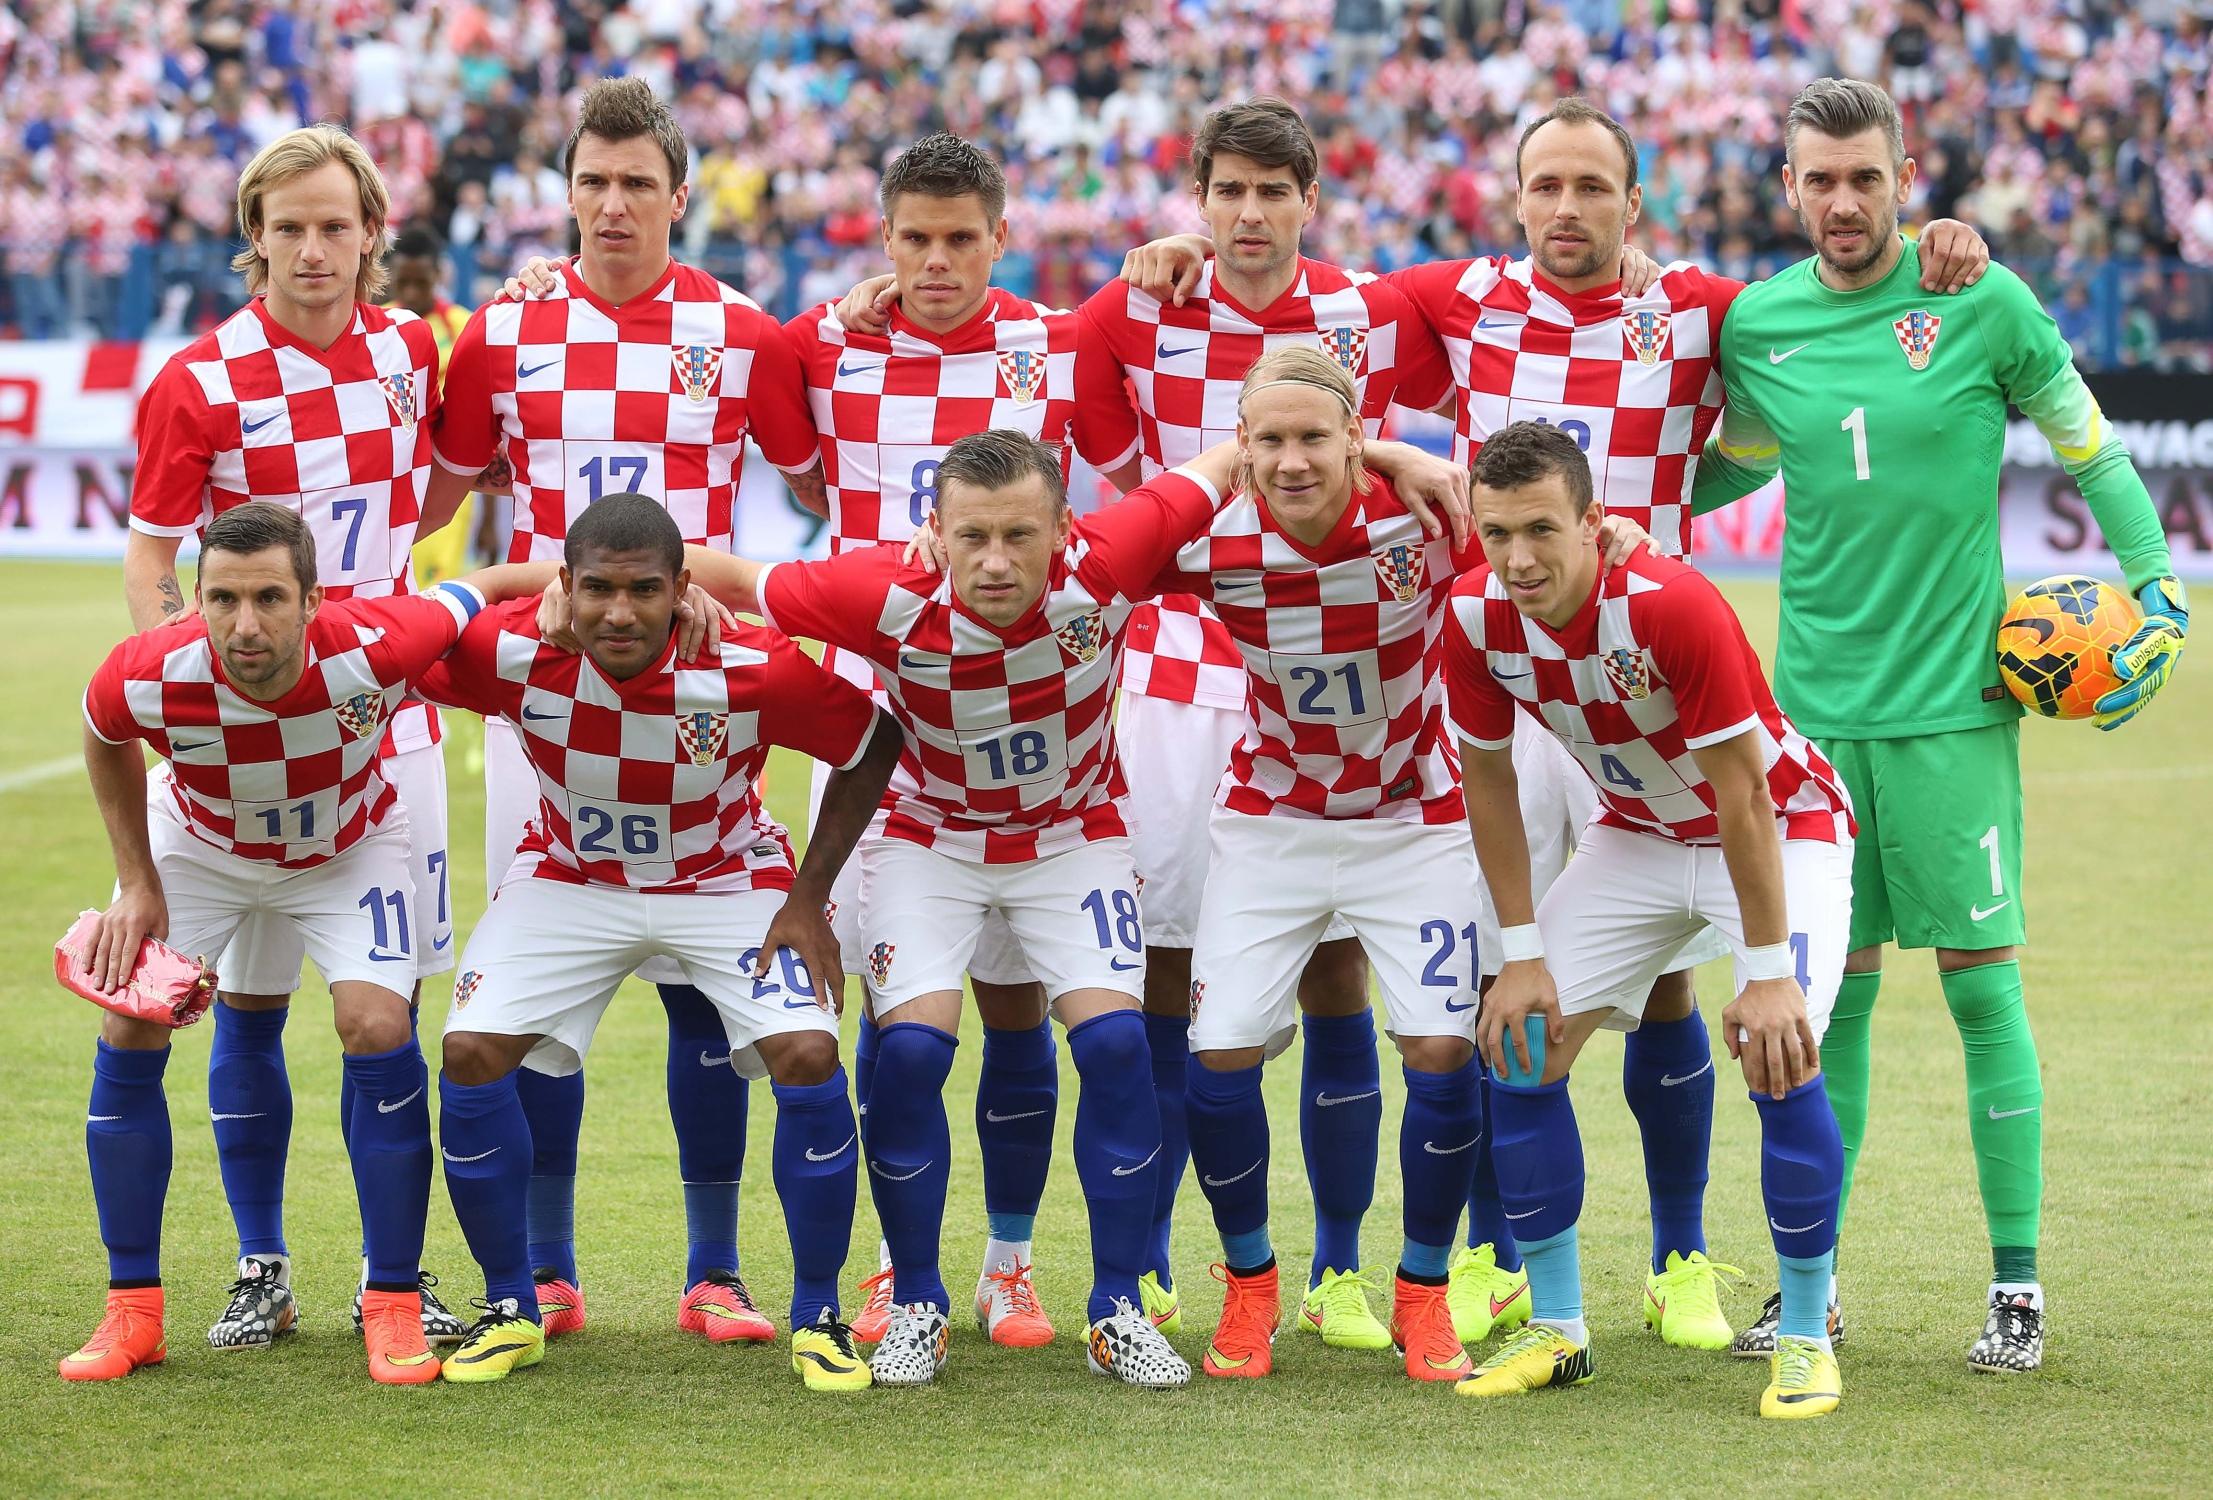 Результат матча Хорватия — Израиль, 23 марта 2016